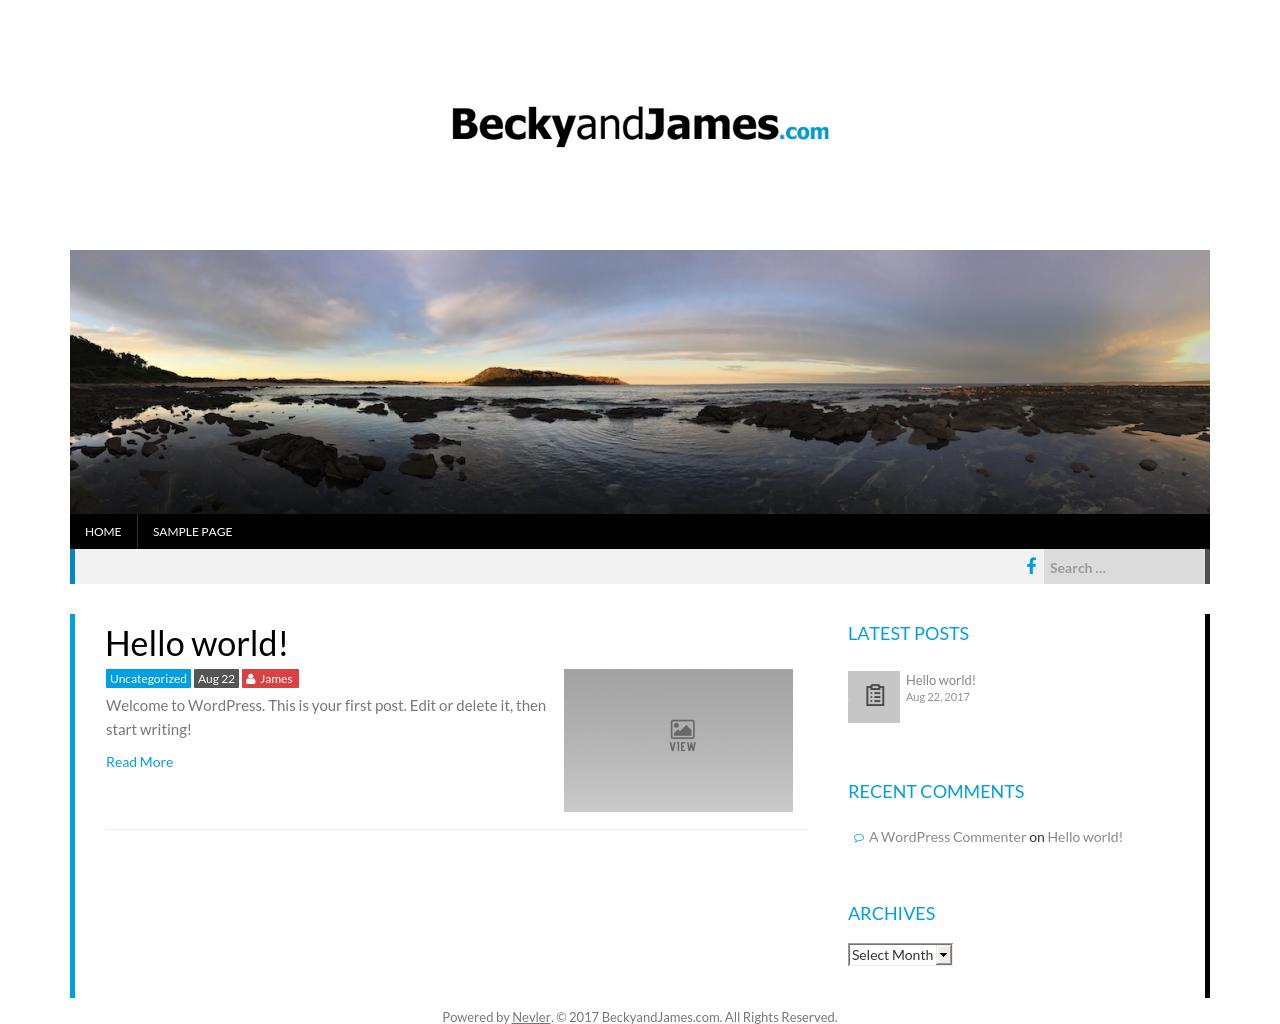 BeckyandJames.com-Advertising-Reviews-Pricing